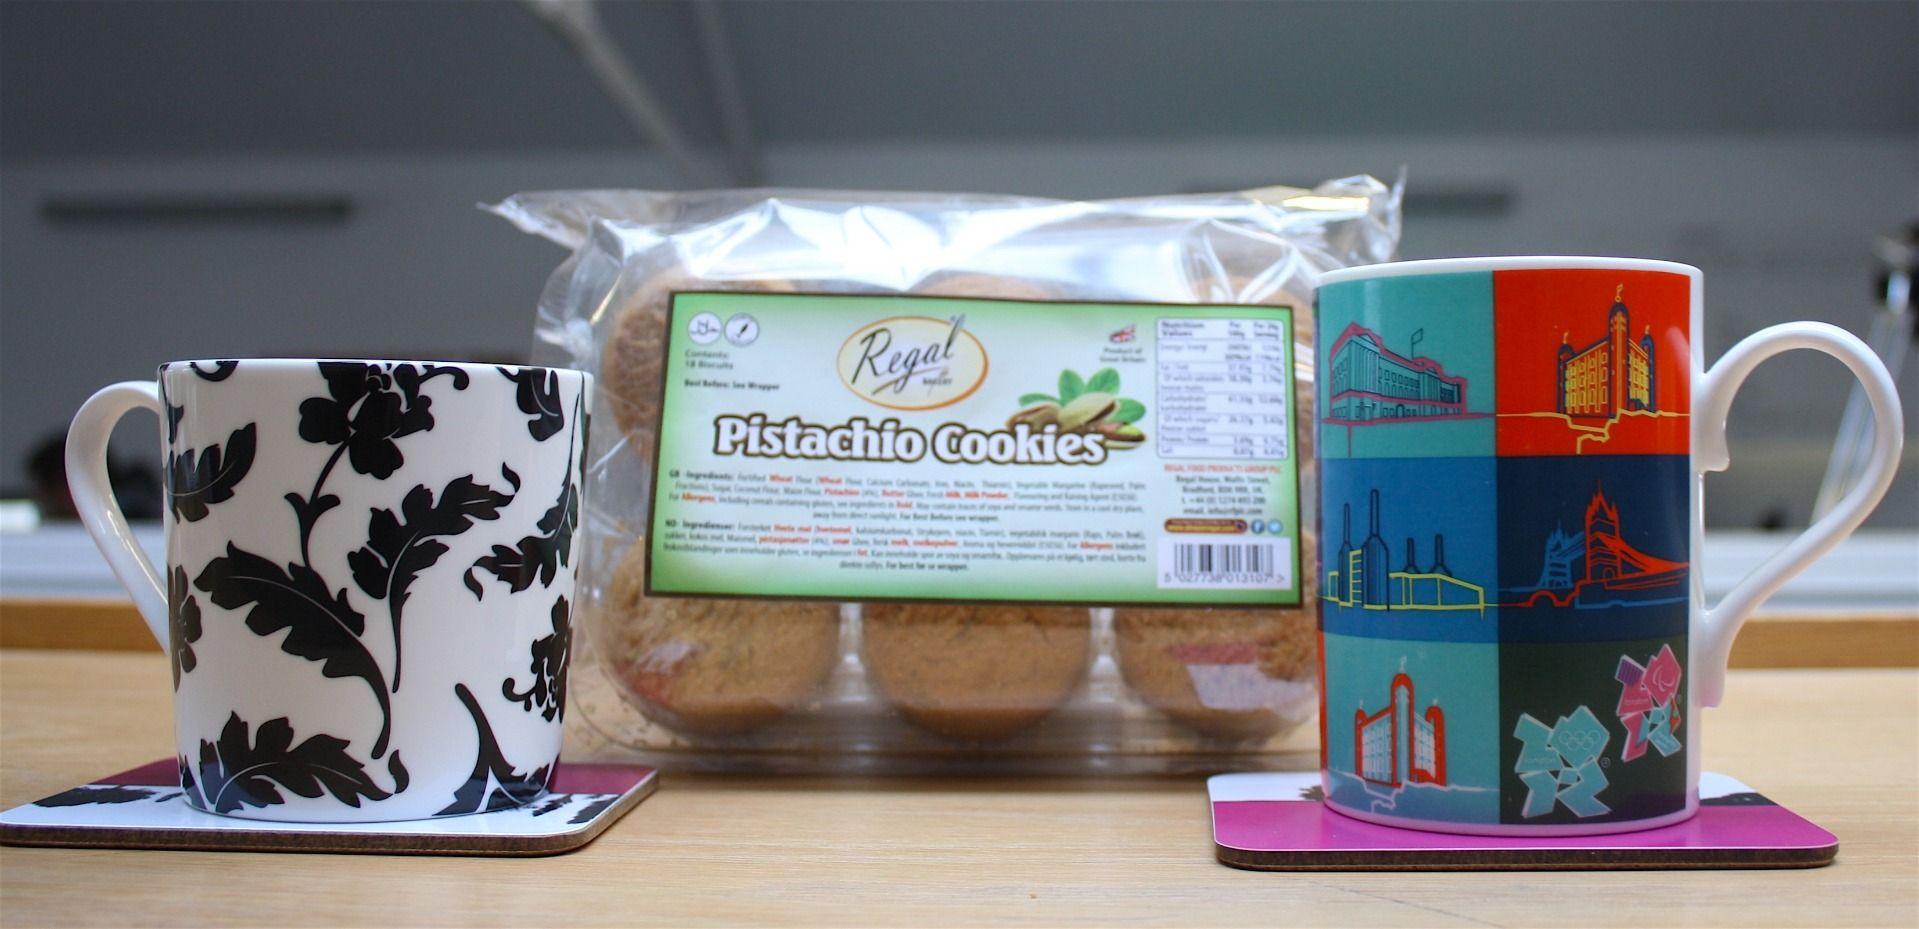 Regal Pistachio Cookies Dunking Challenge